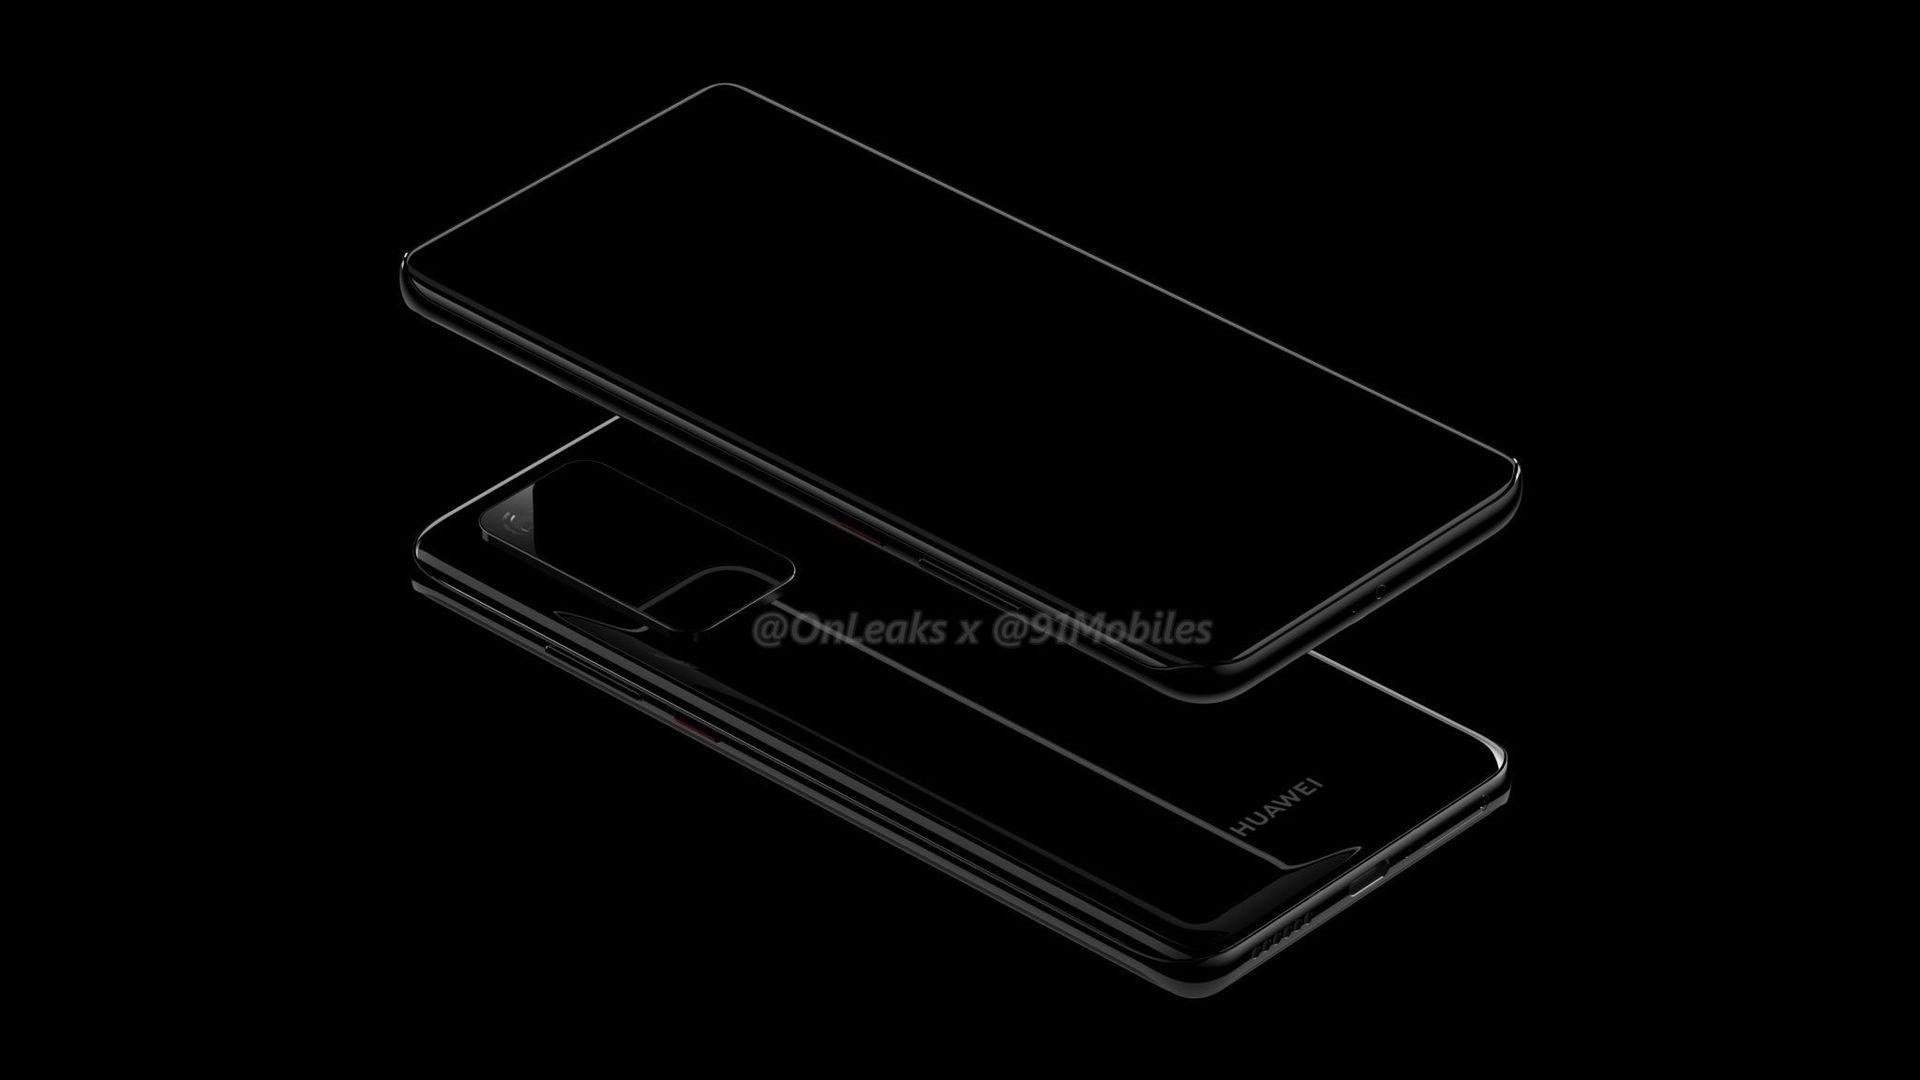 Huawei P40, P40 Pro lộ hình ảnh render với cụm camera hình chữ nhật tương tự Galaxy S11 series